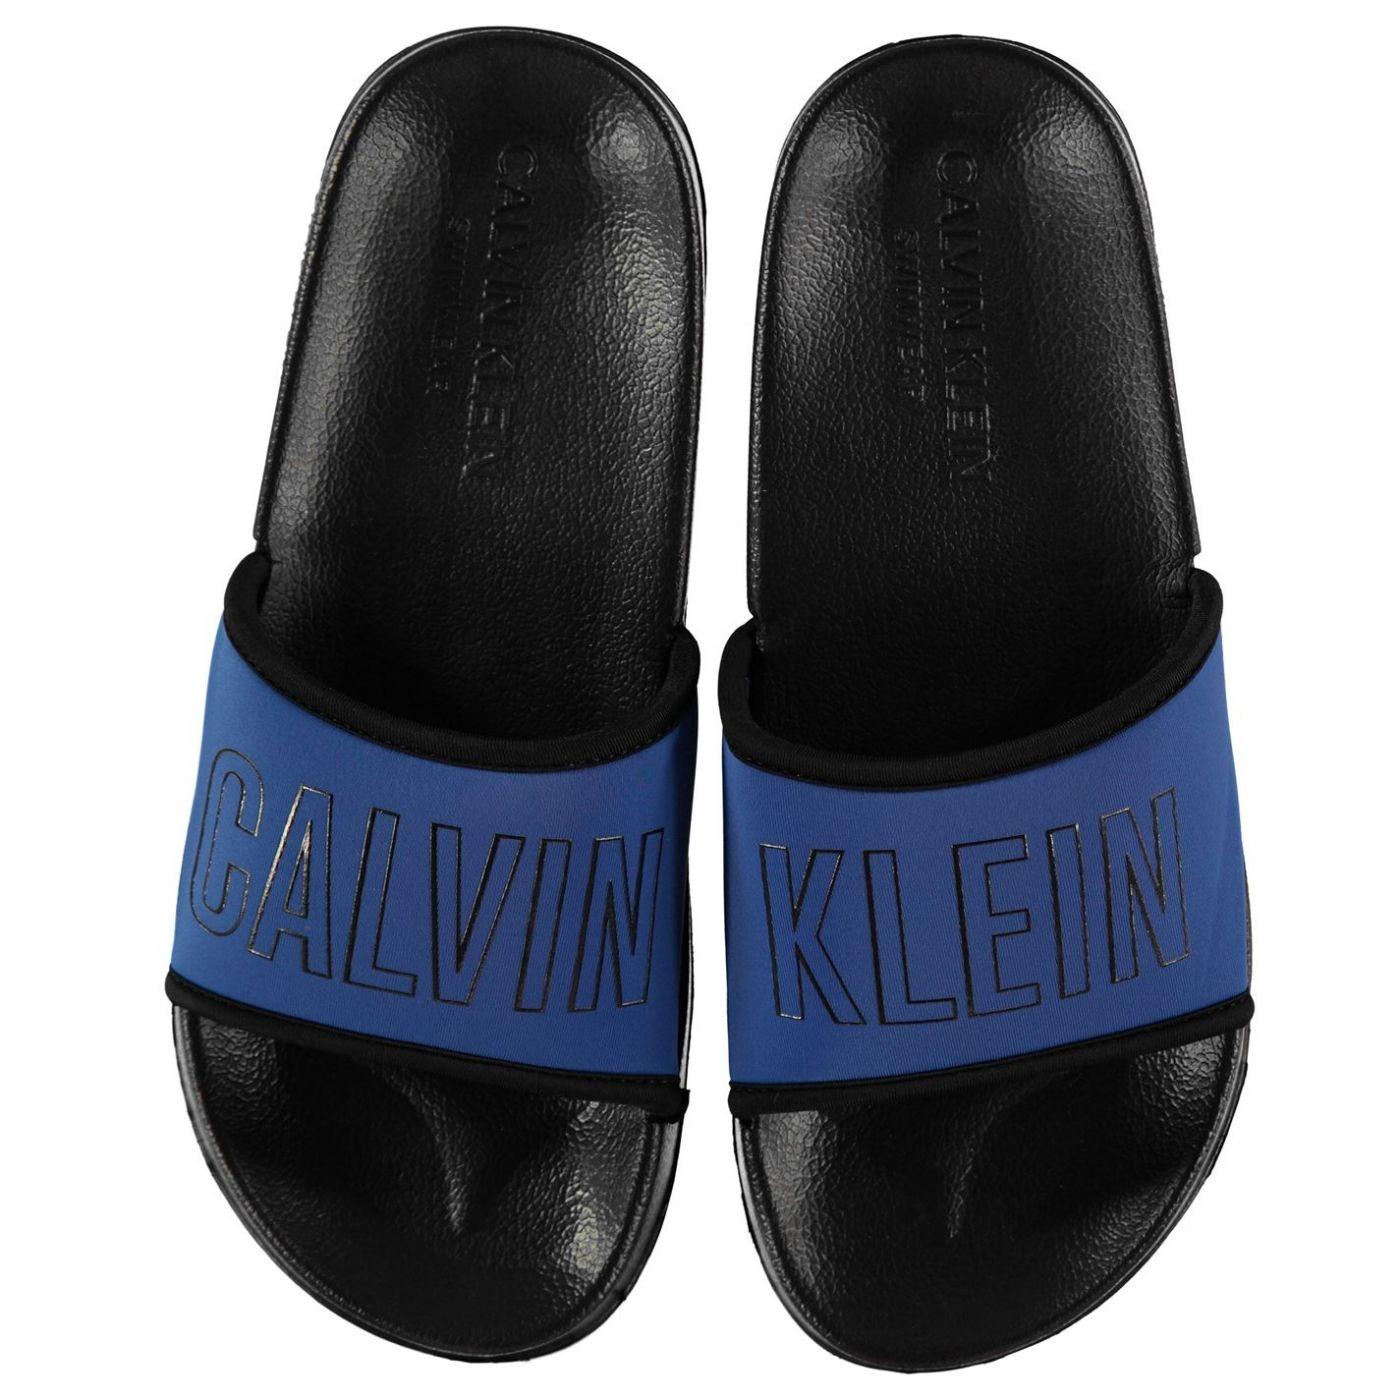 Calvin Klein Intense Power Sliders